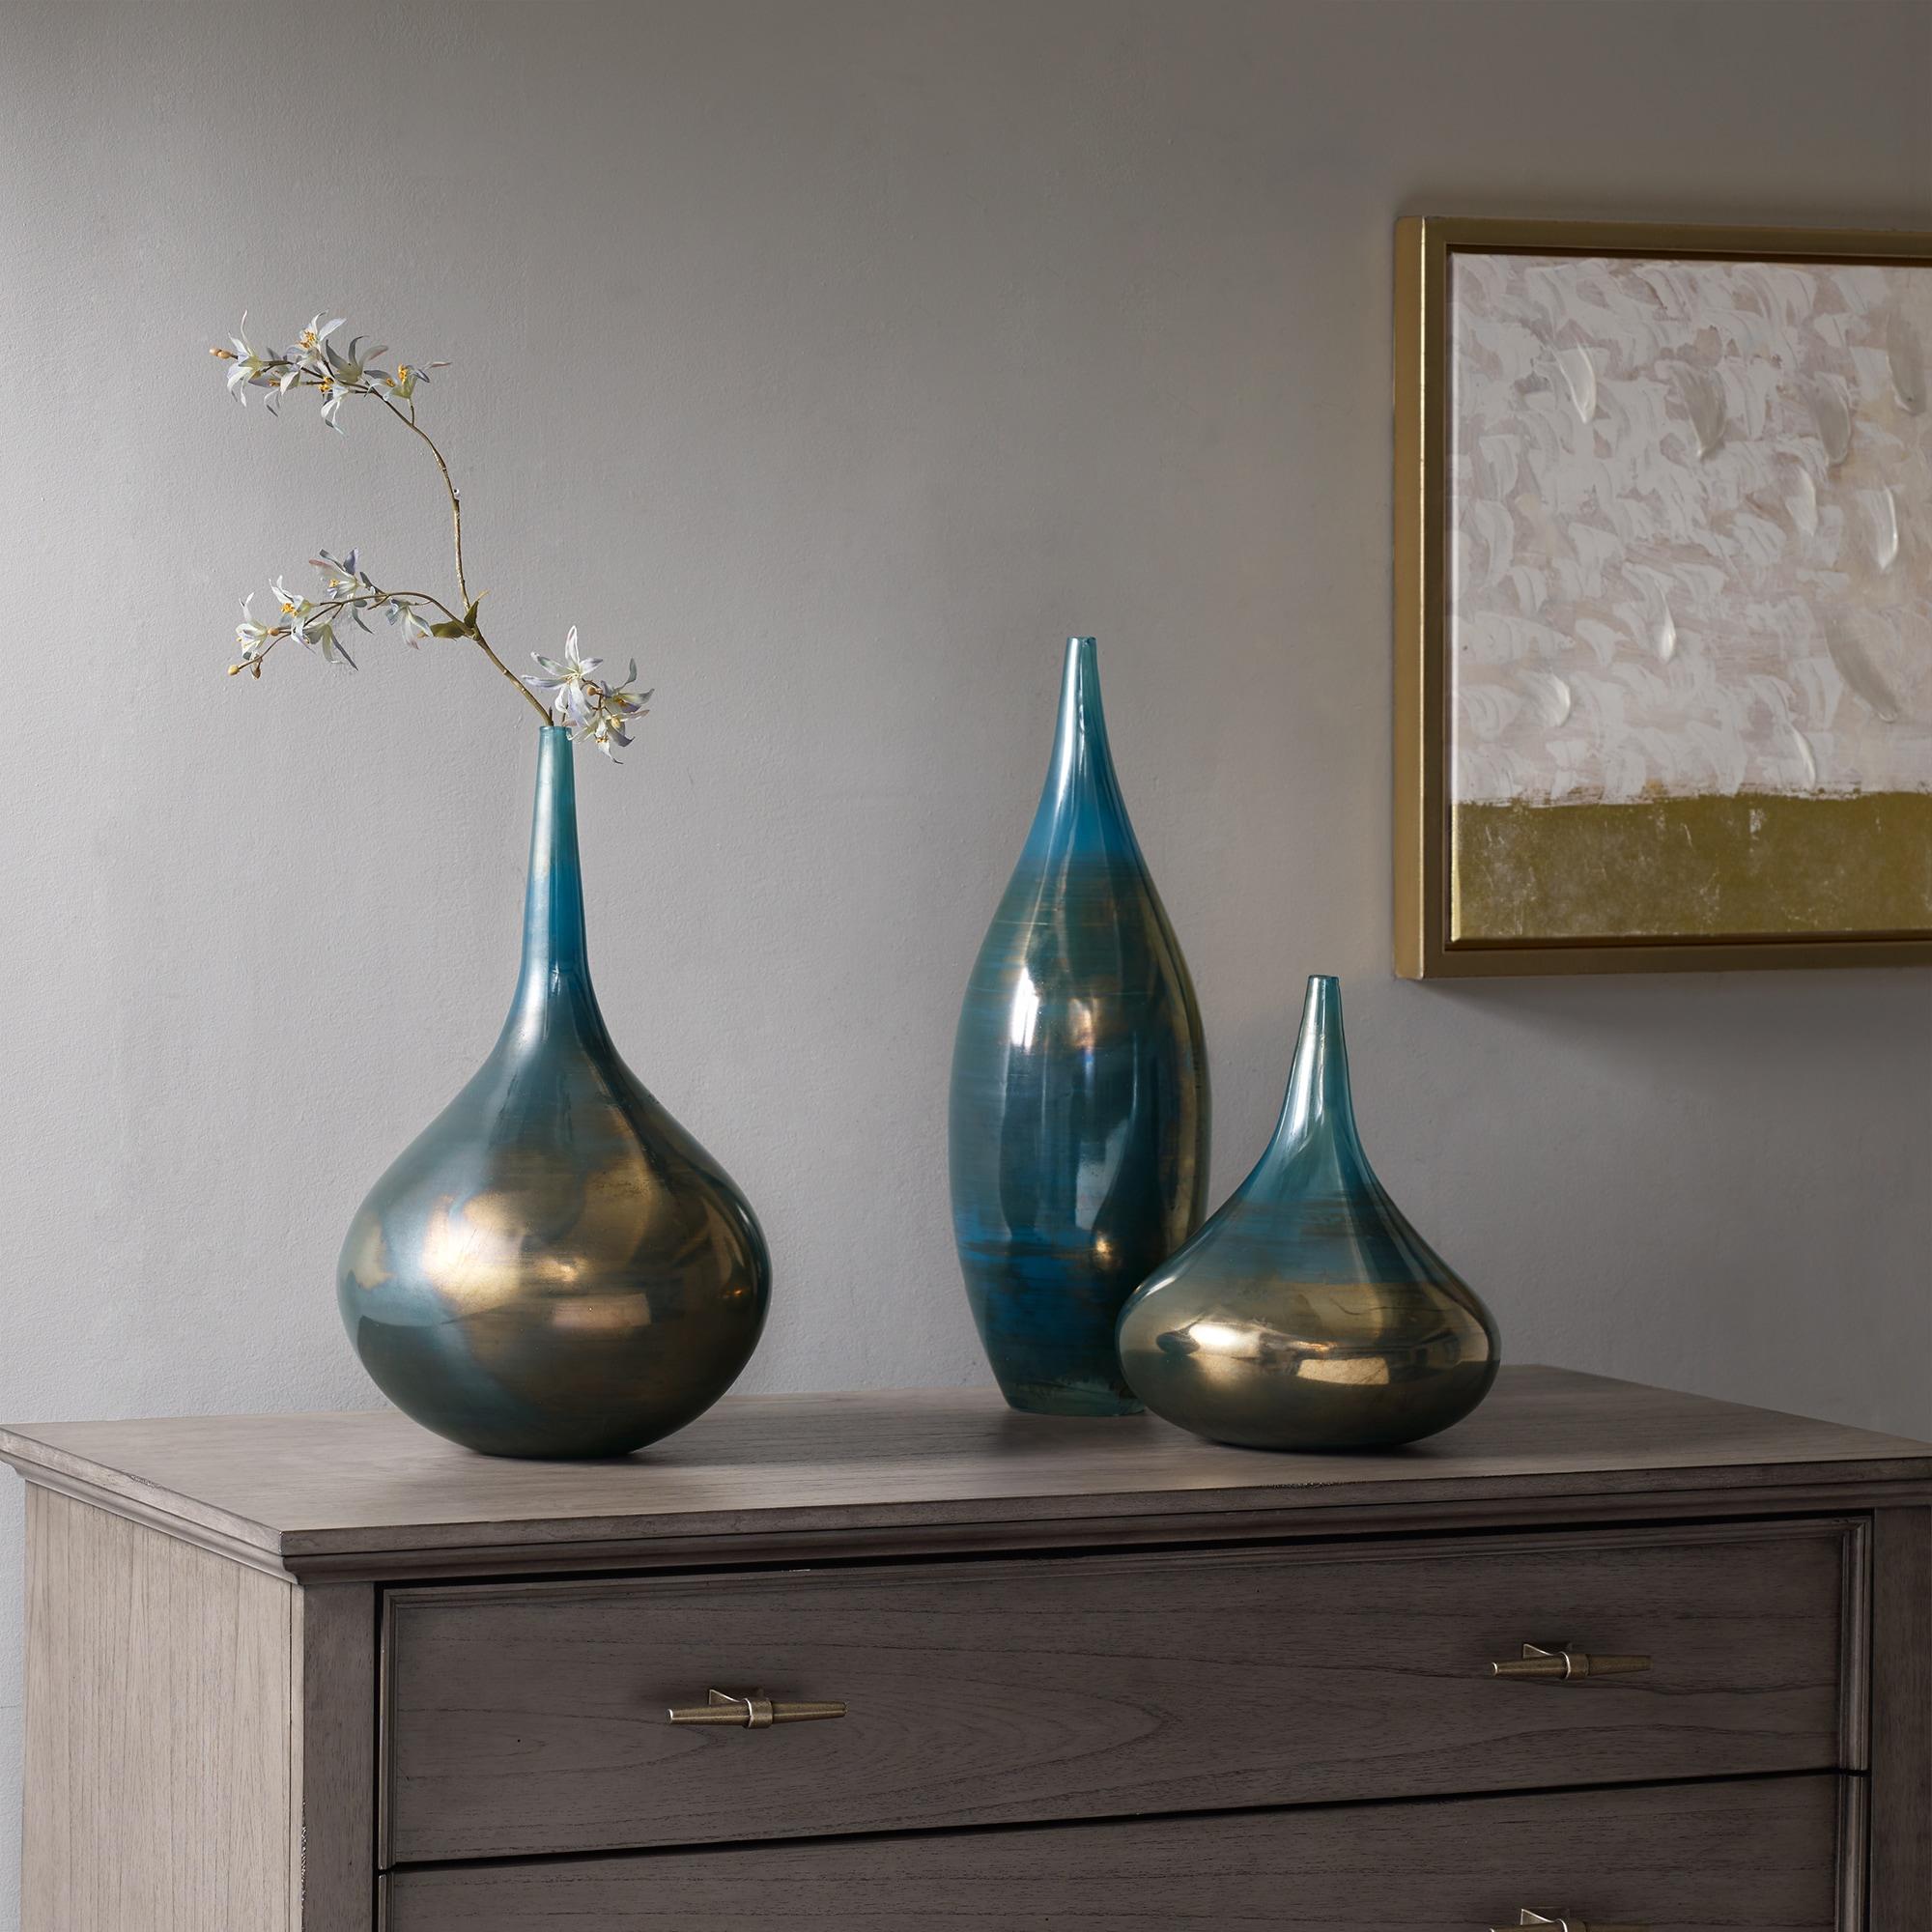 Ordinaire Madison Park Signature Aurora Blue/ Metal Handmade Rainbow Glass Vase  Set  Of 3